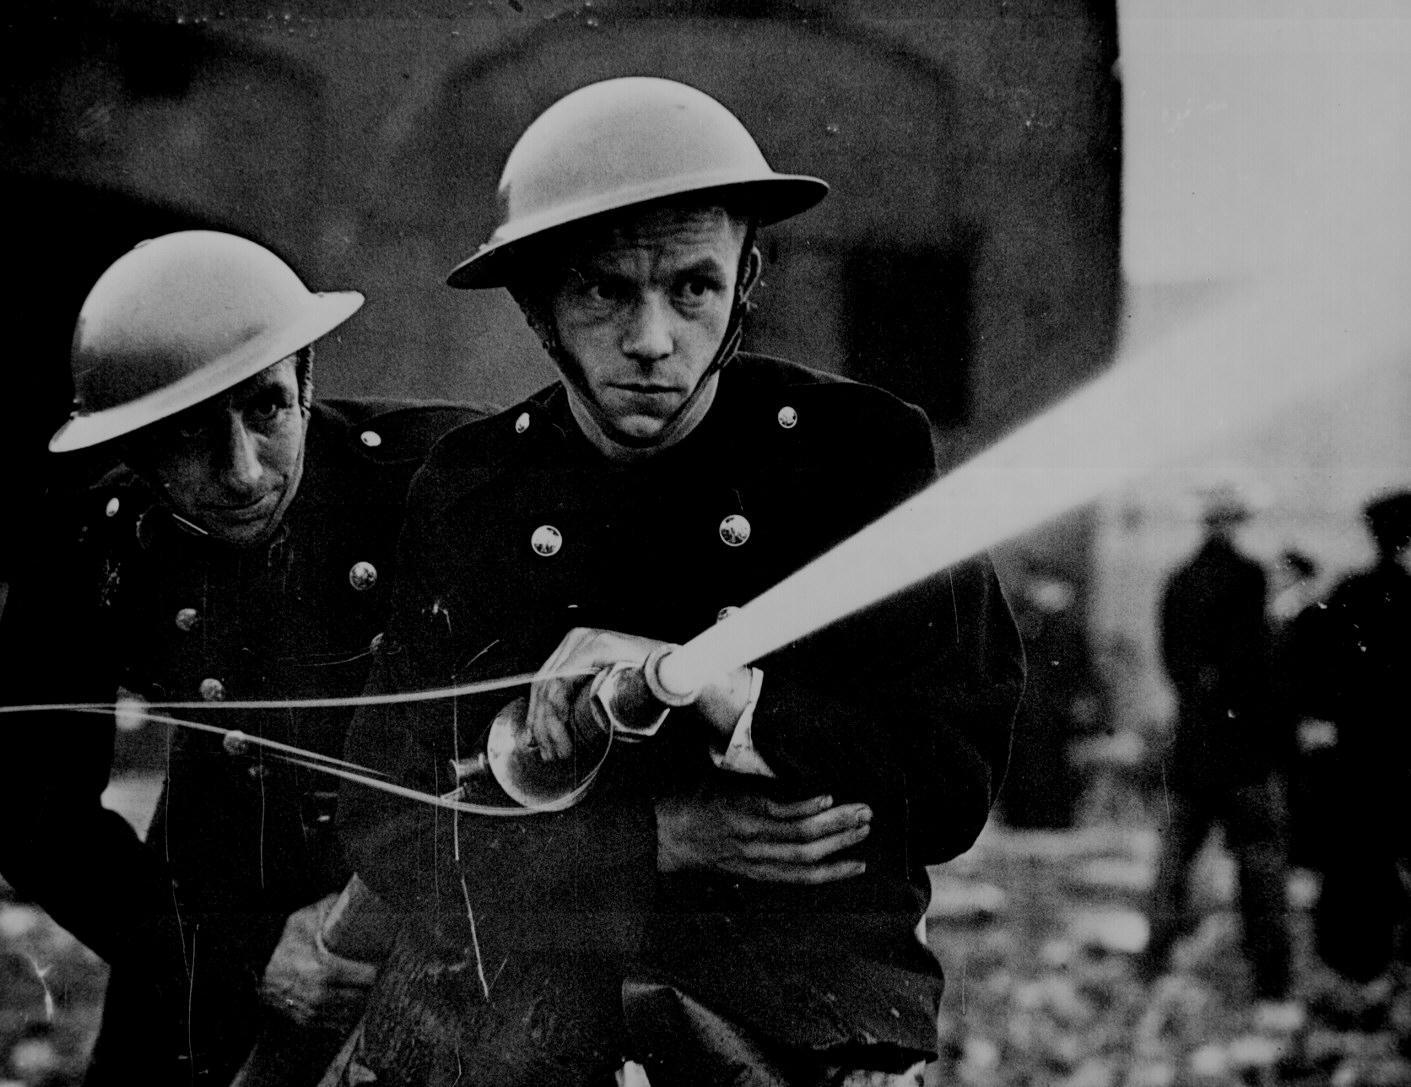 London Fire Drill, 1939